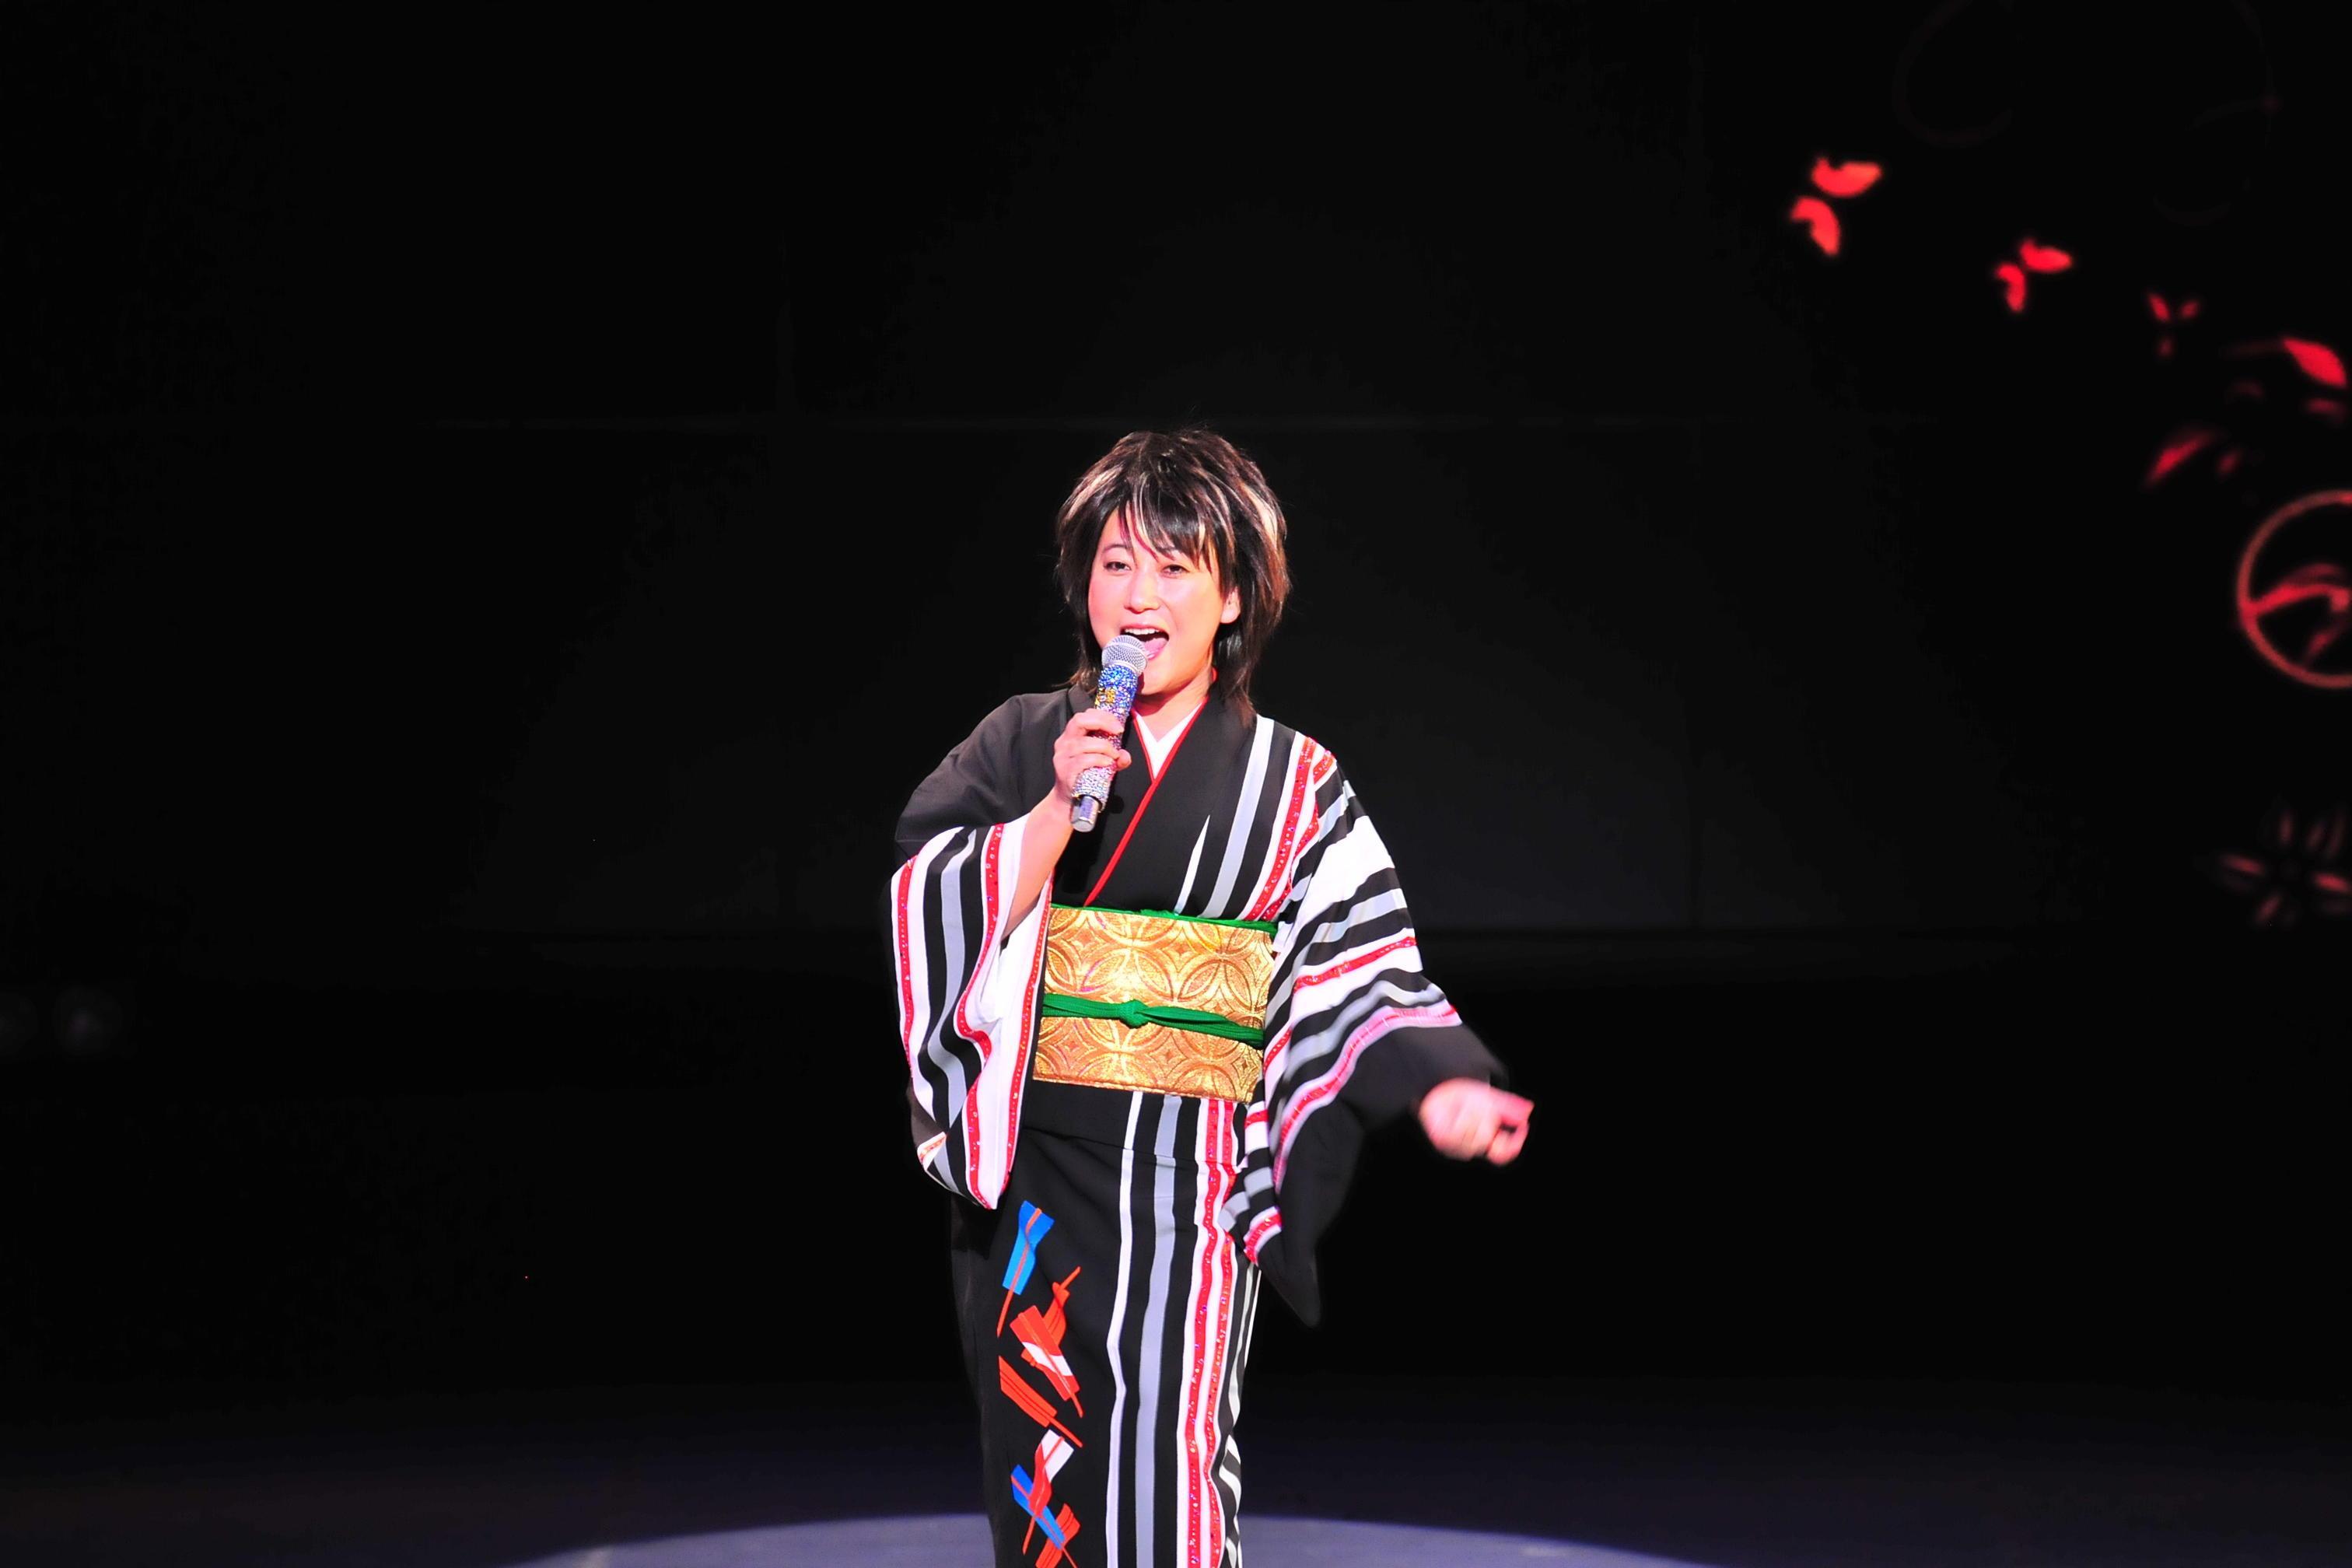 http://news.yoshimoto.co.jp/20160908200741-a8d89f089a9211635153a71bbdcbab1bb5495c5e.jpg